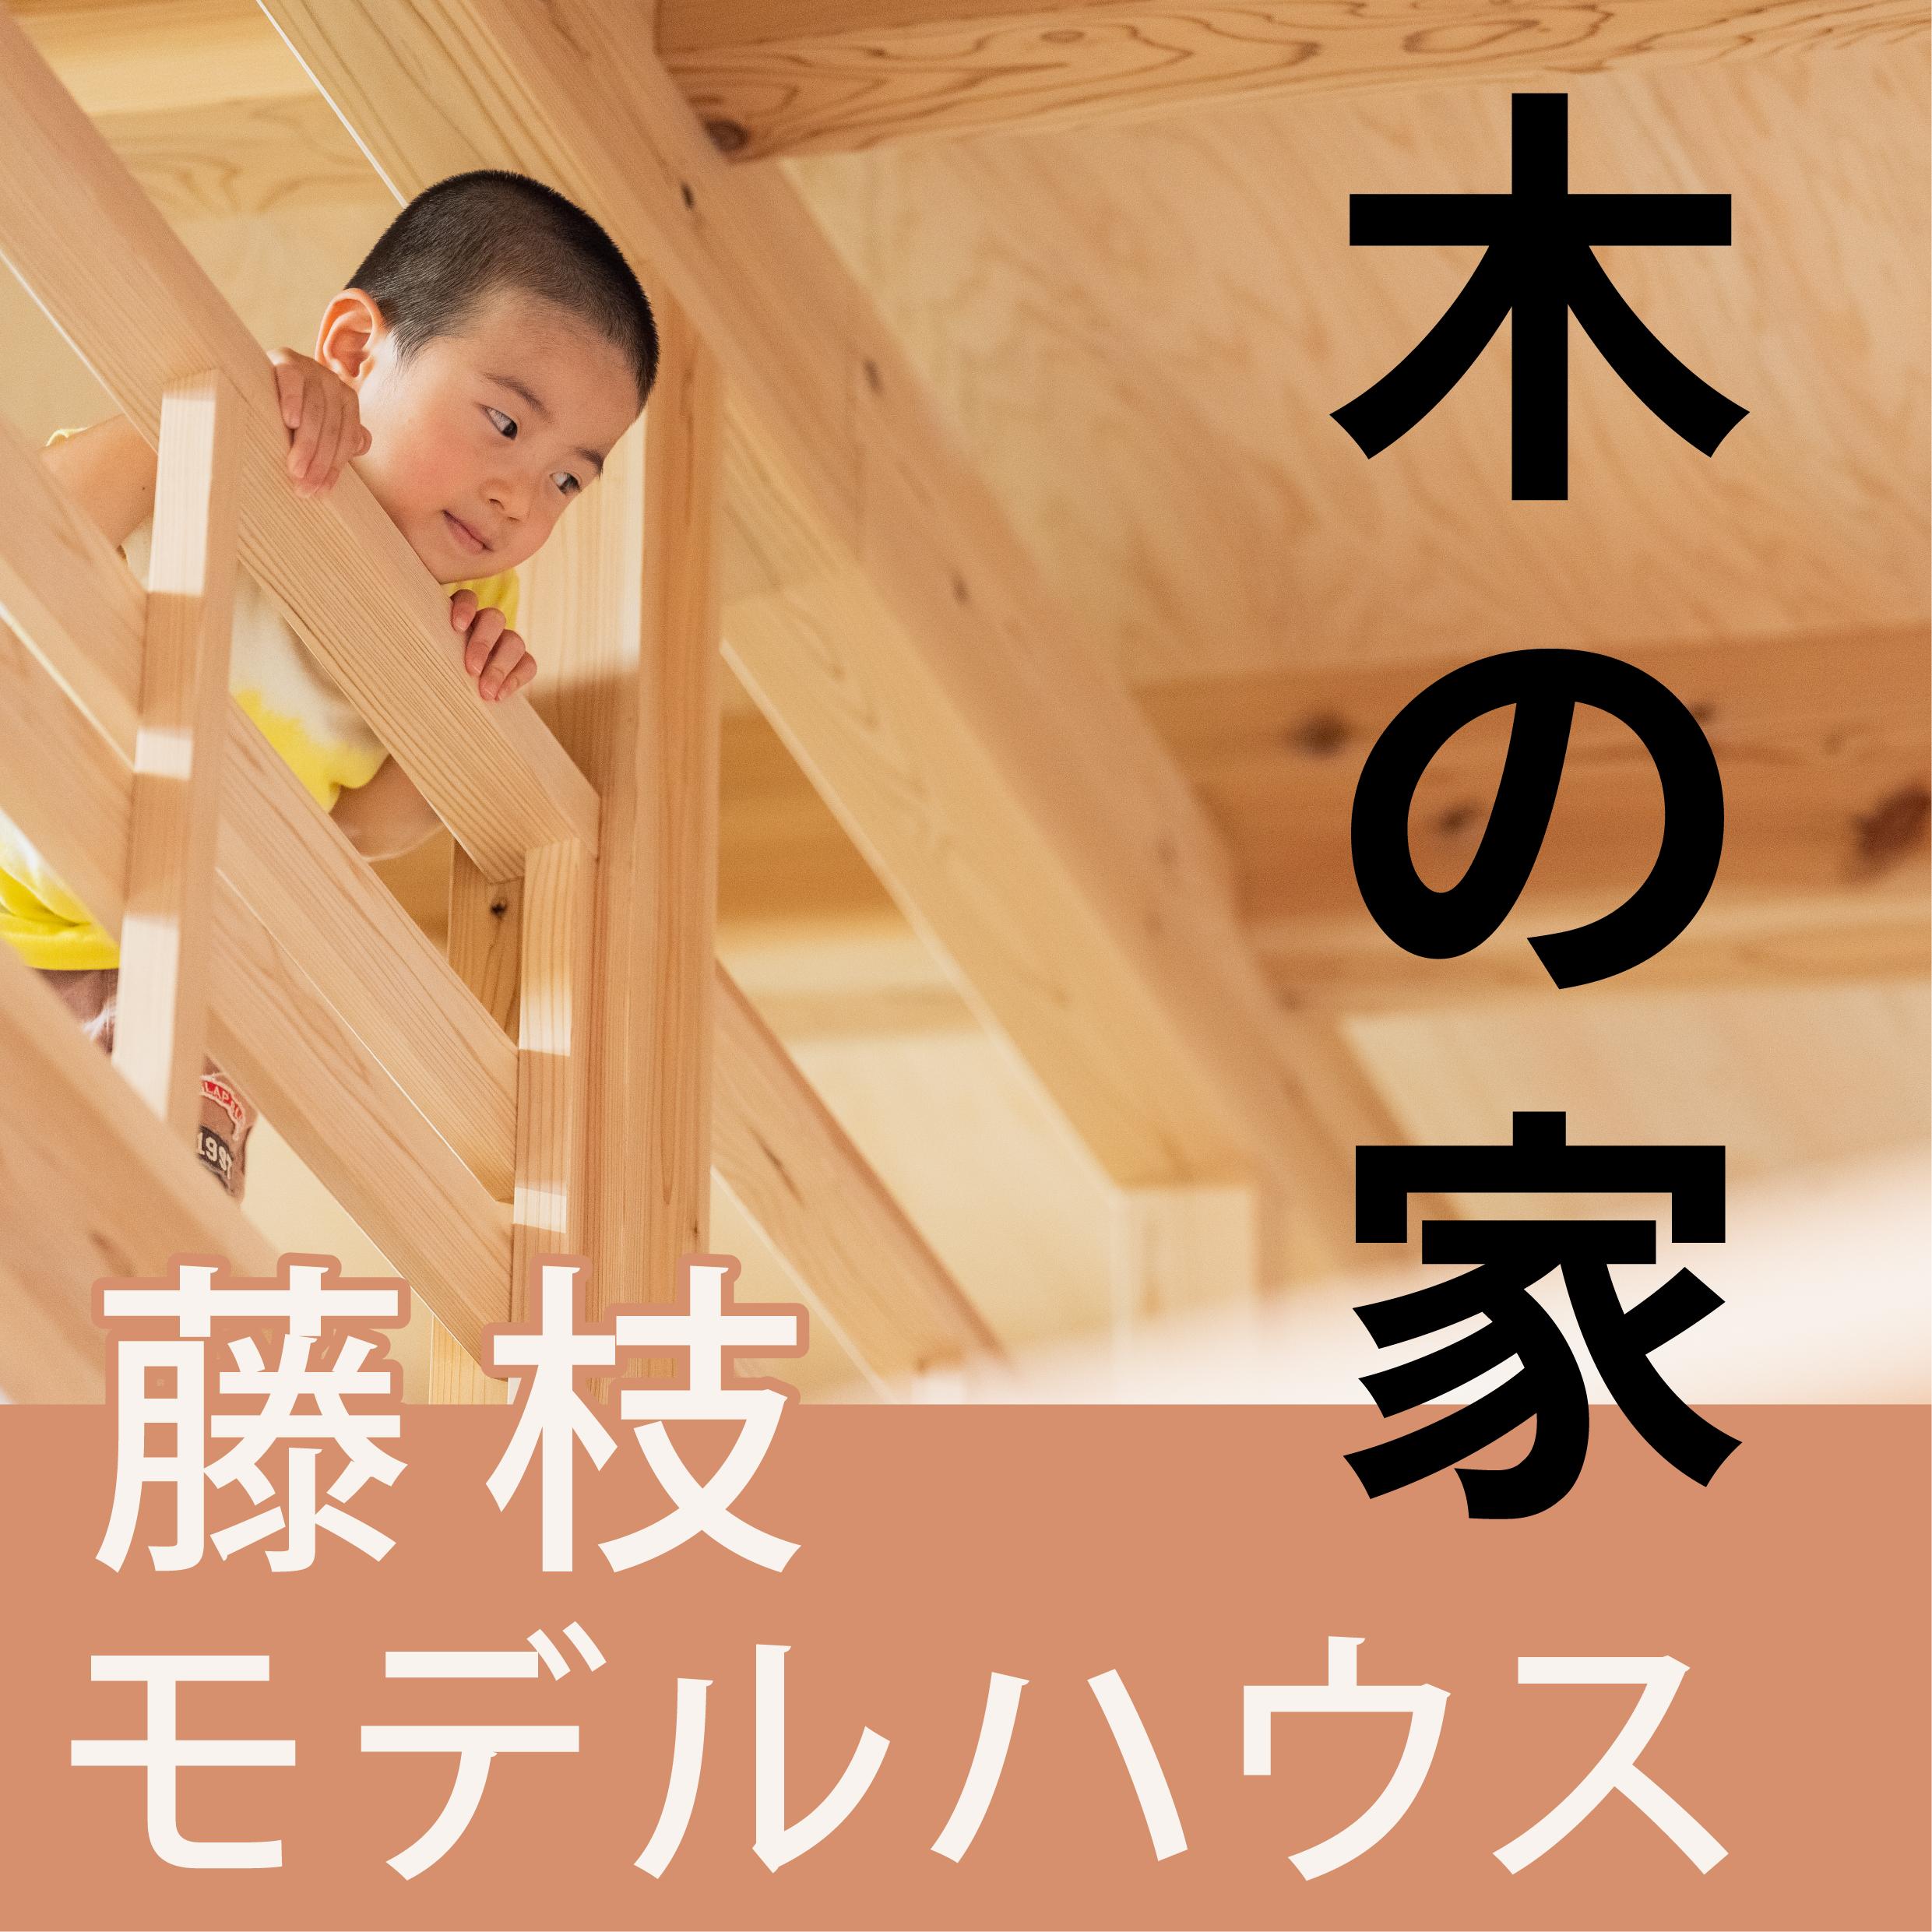 【期間限定モデルハウス】自然素材でつくる、スローな時間の流れる平屋の住まい/藤枝市